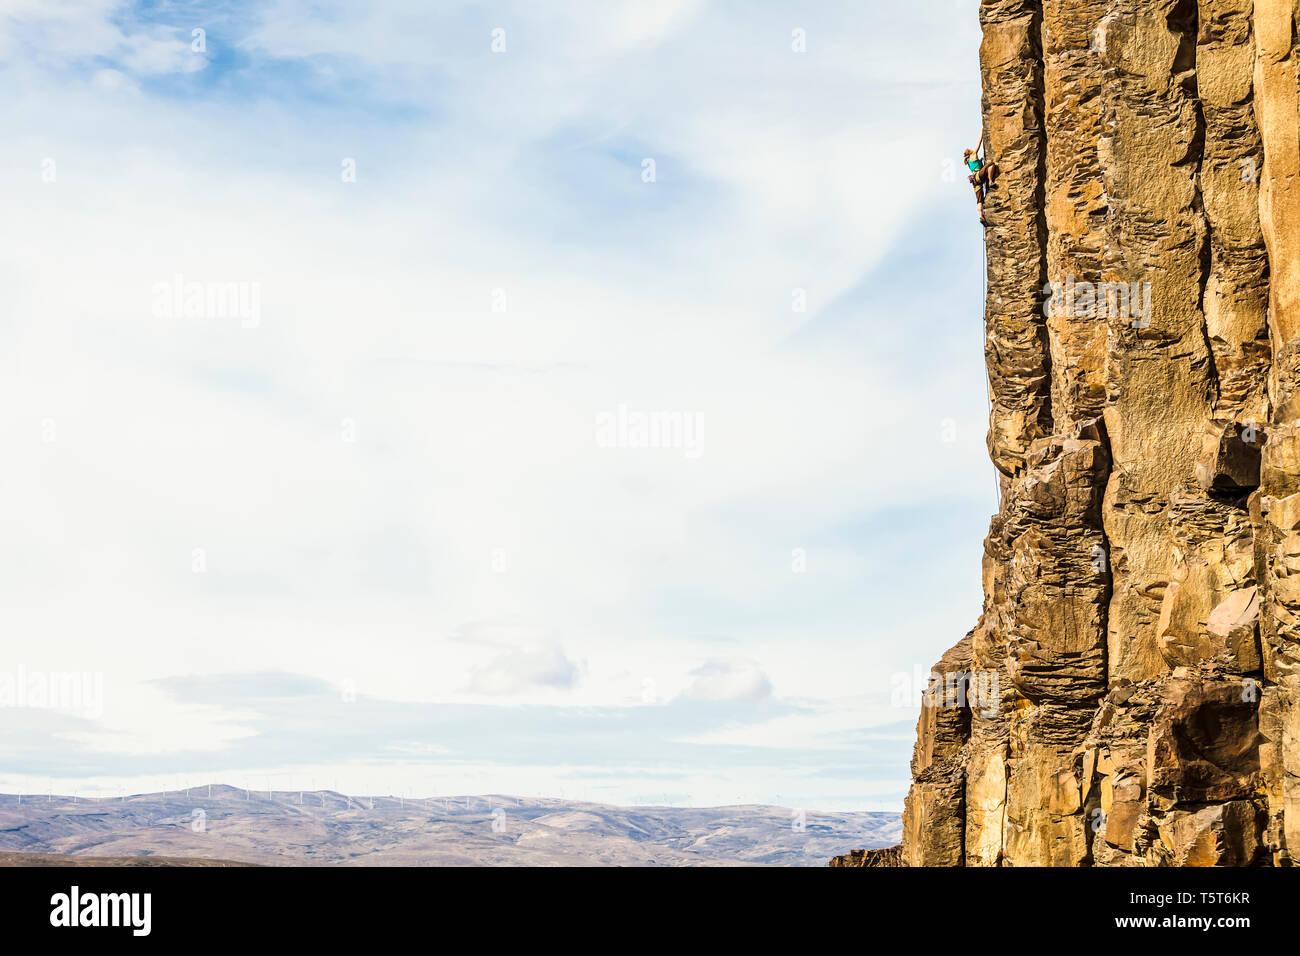 Una donna scalata di un basalto roccia nel centro di stato di Washington, USA. Immagini Stock